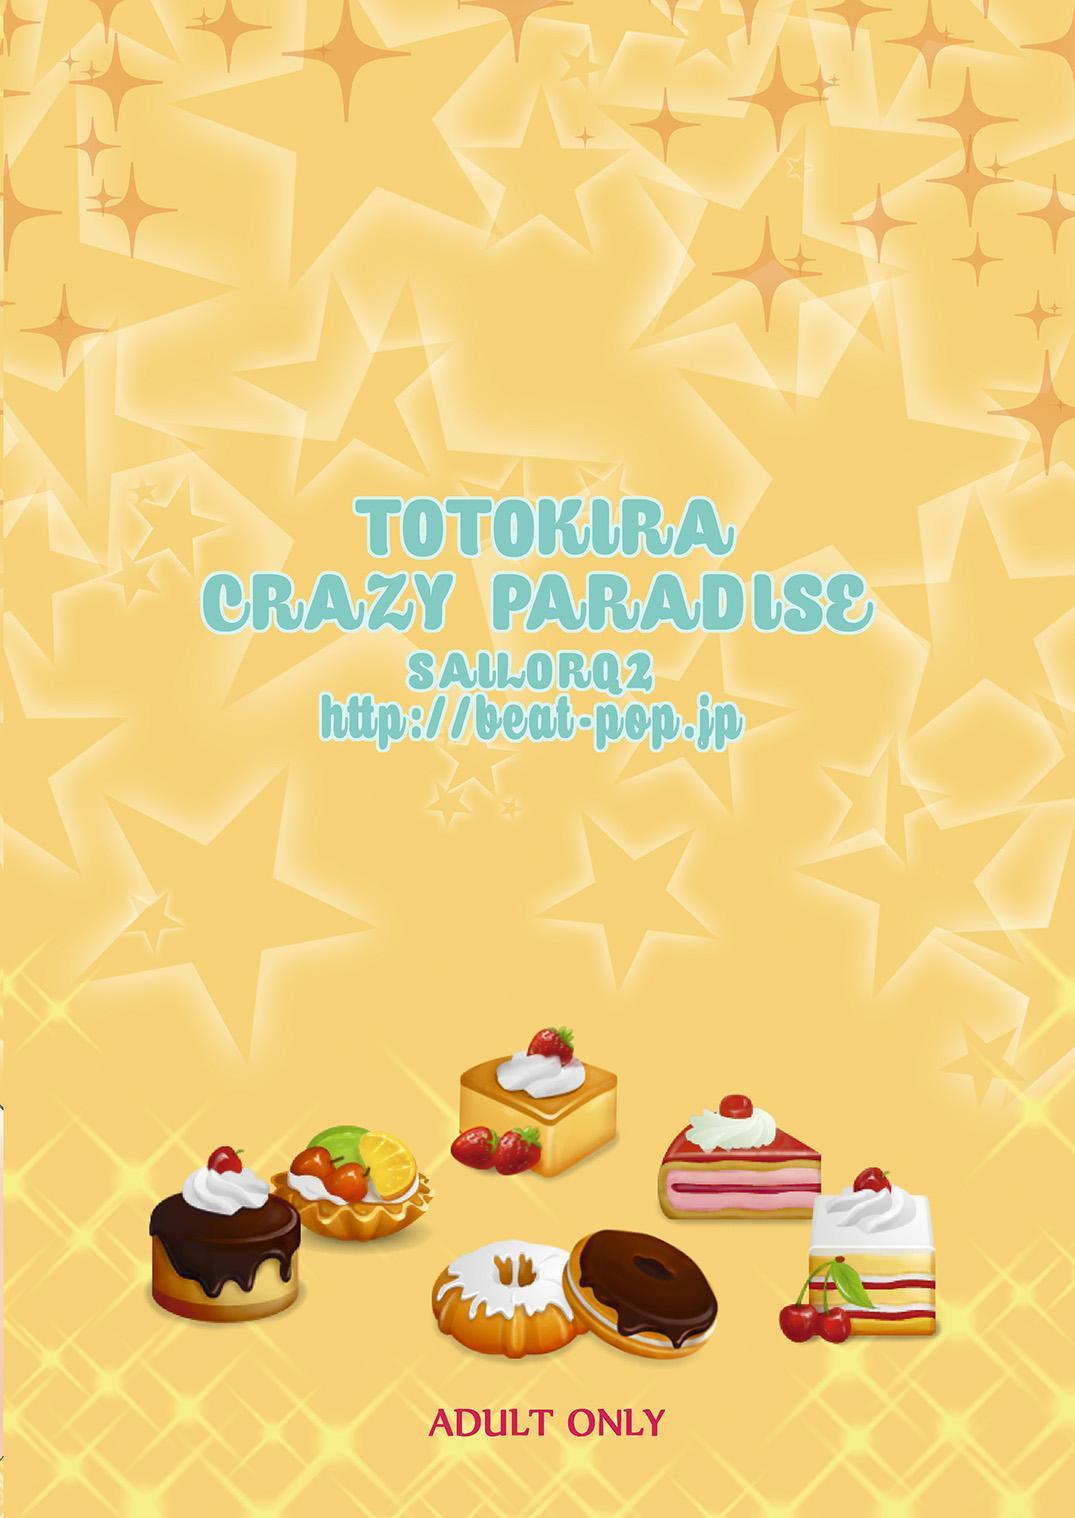 TOTOKIRA CRAZY PARADISE 29